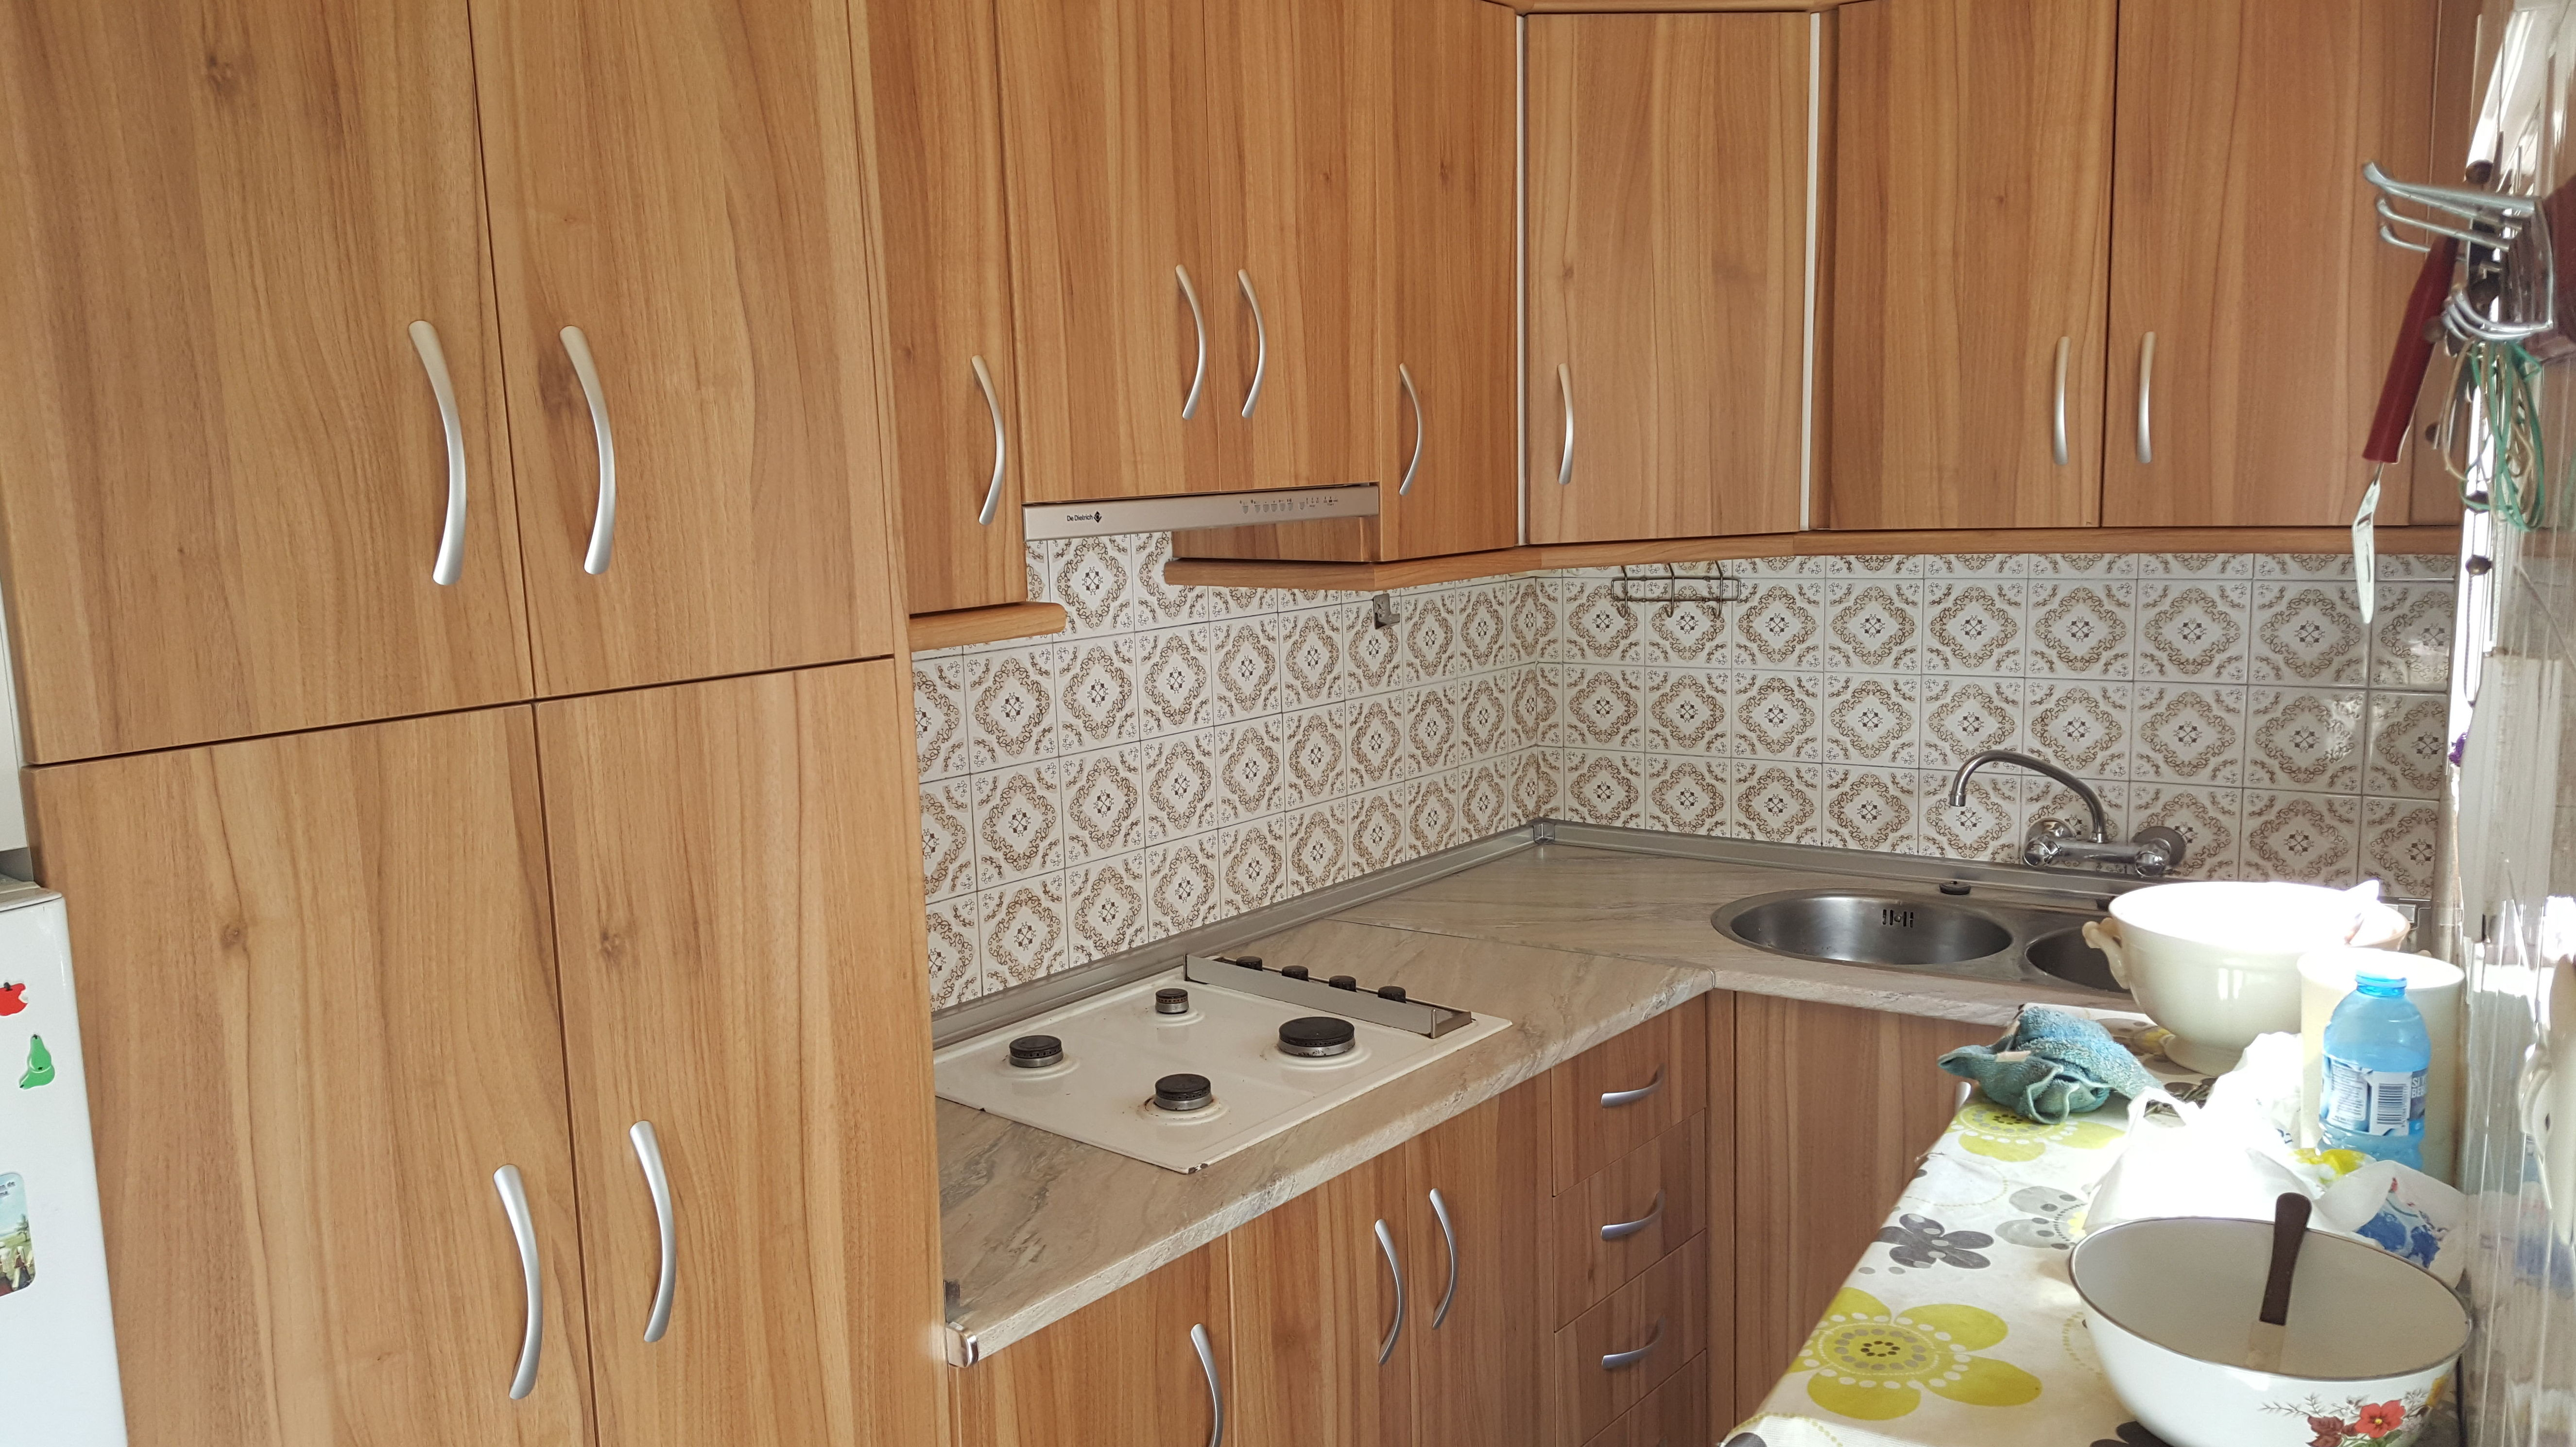 cocina de formica con encimera de formica